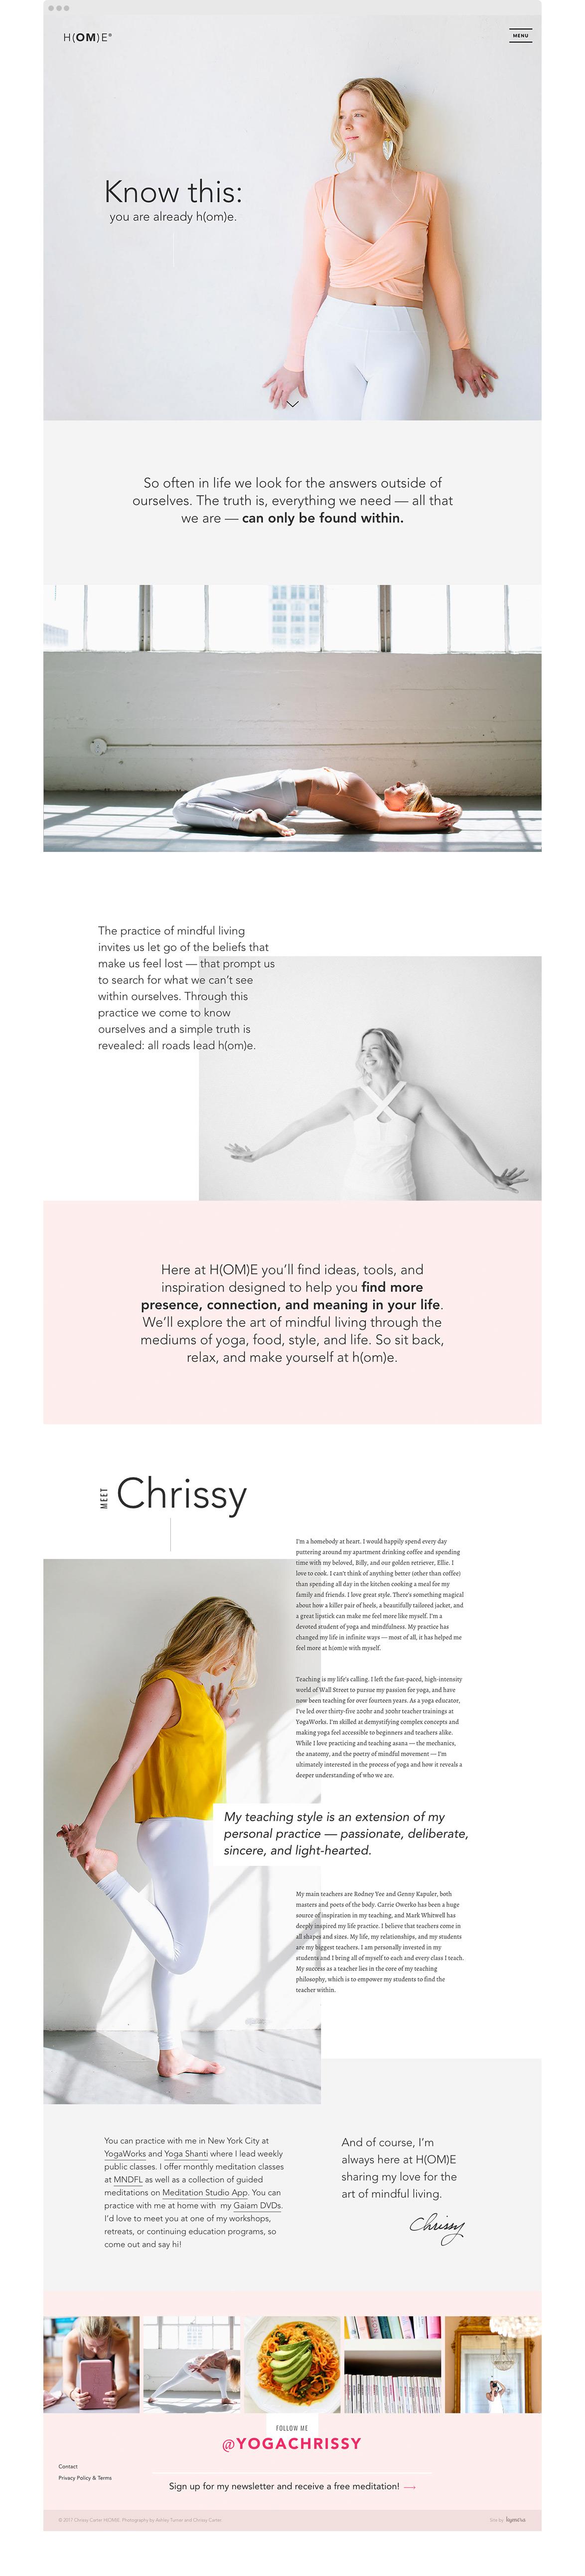 Kymera - Chrissy Carter